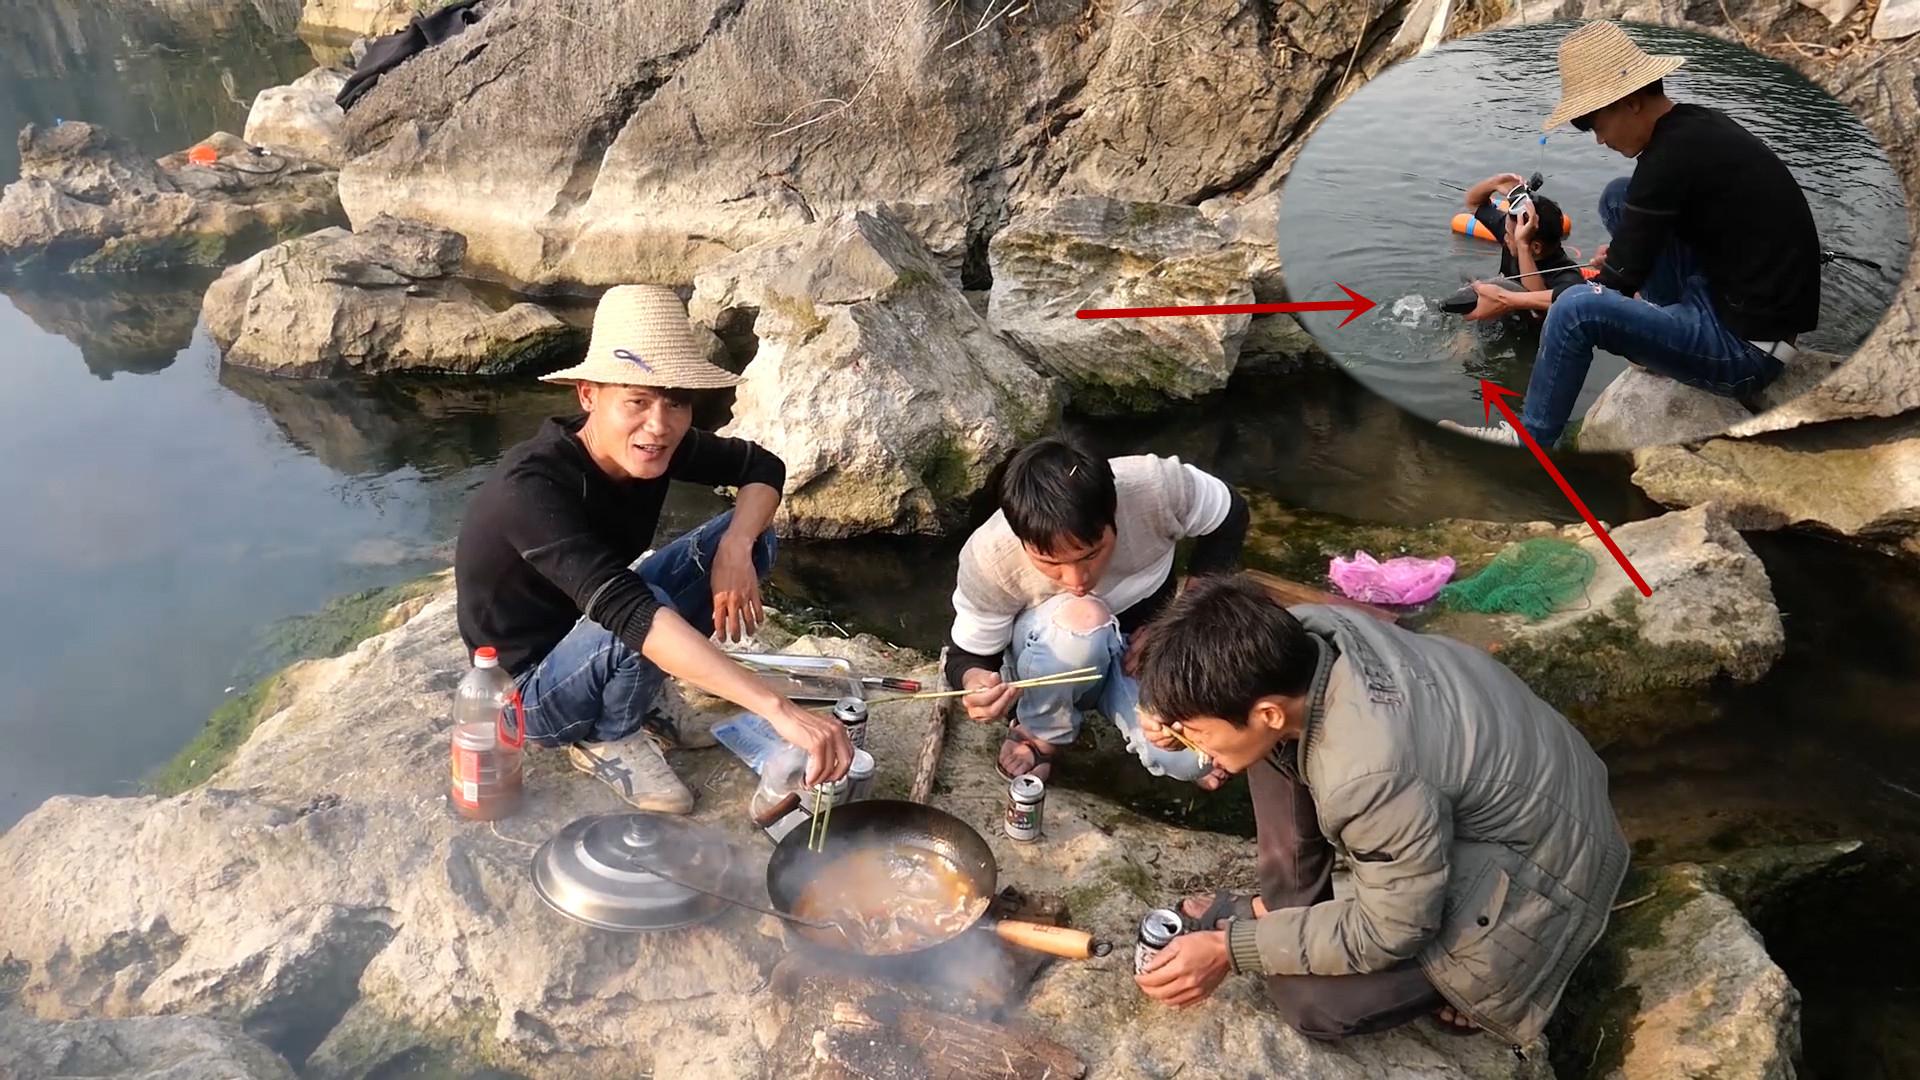 小志潜水抓鱼收获两条极品货,小明把它煮了满满一锅,味道太爽了